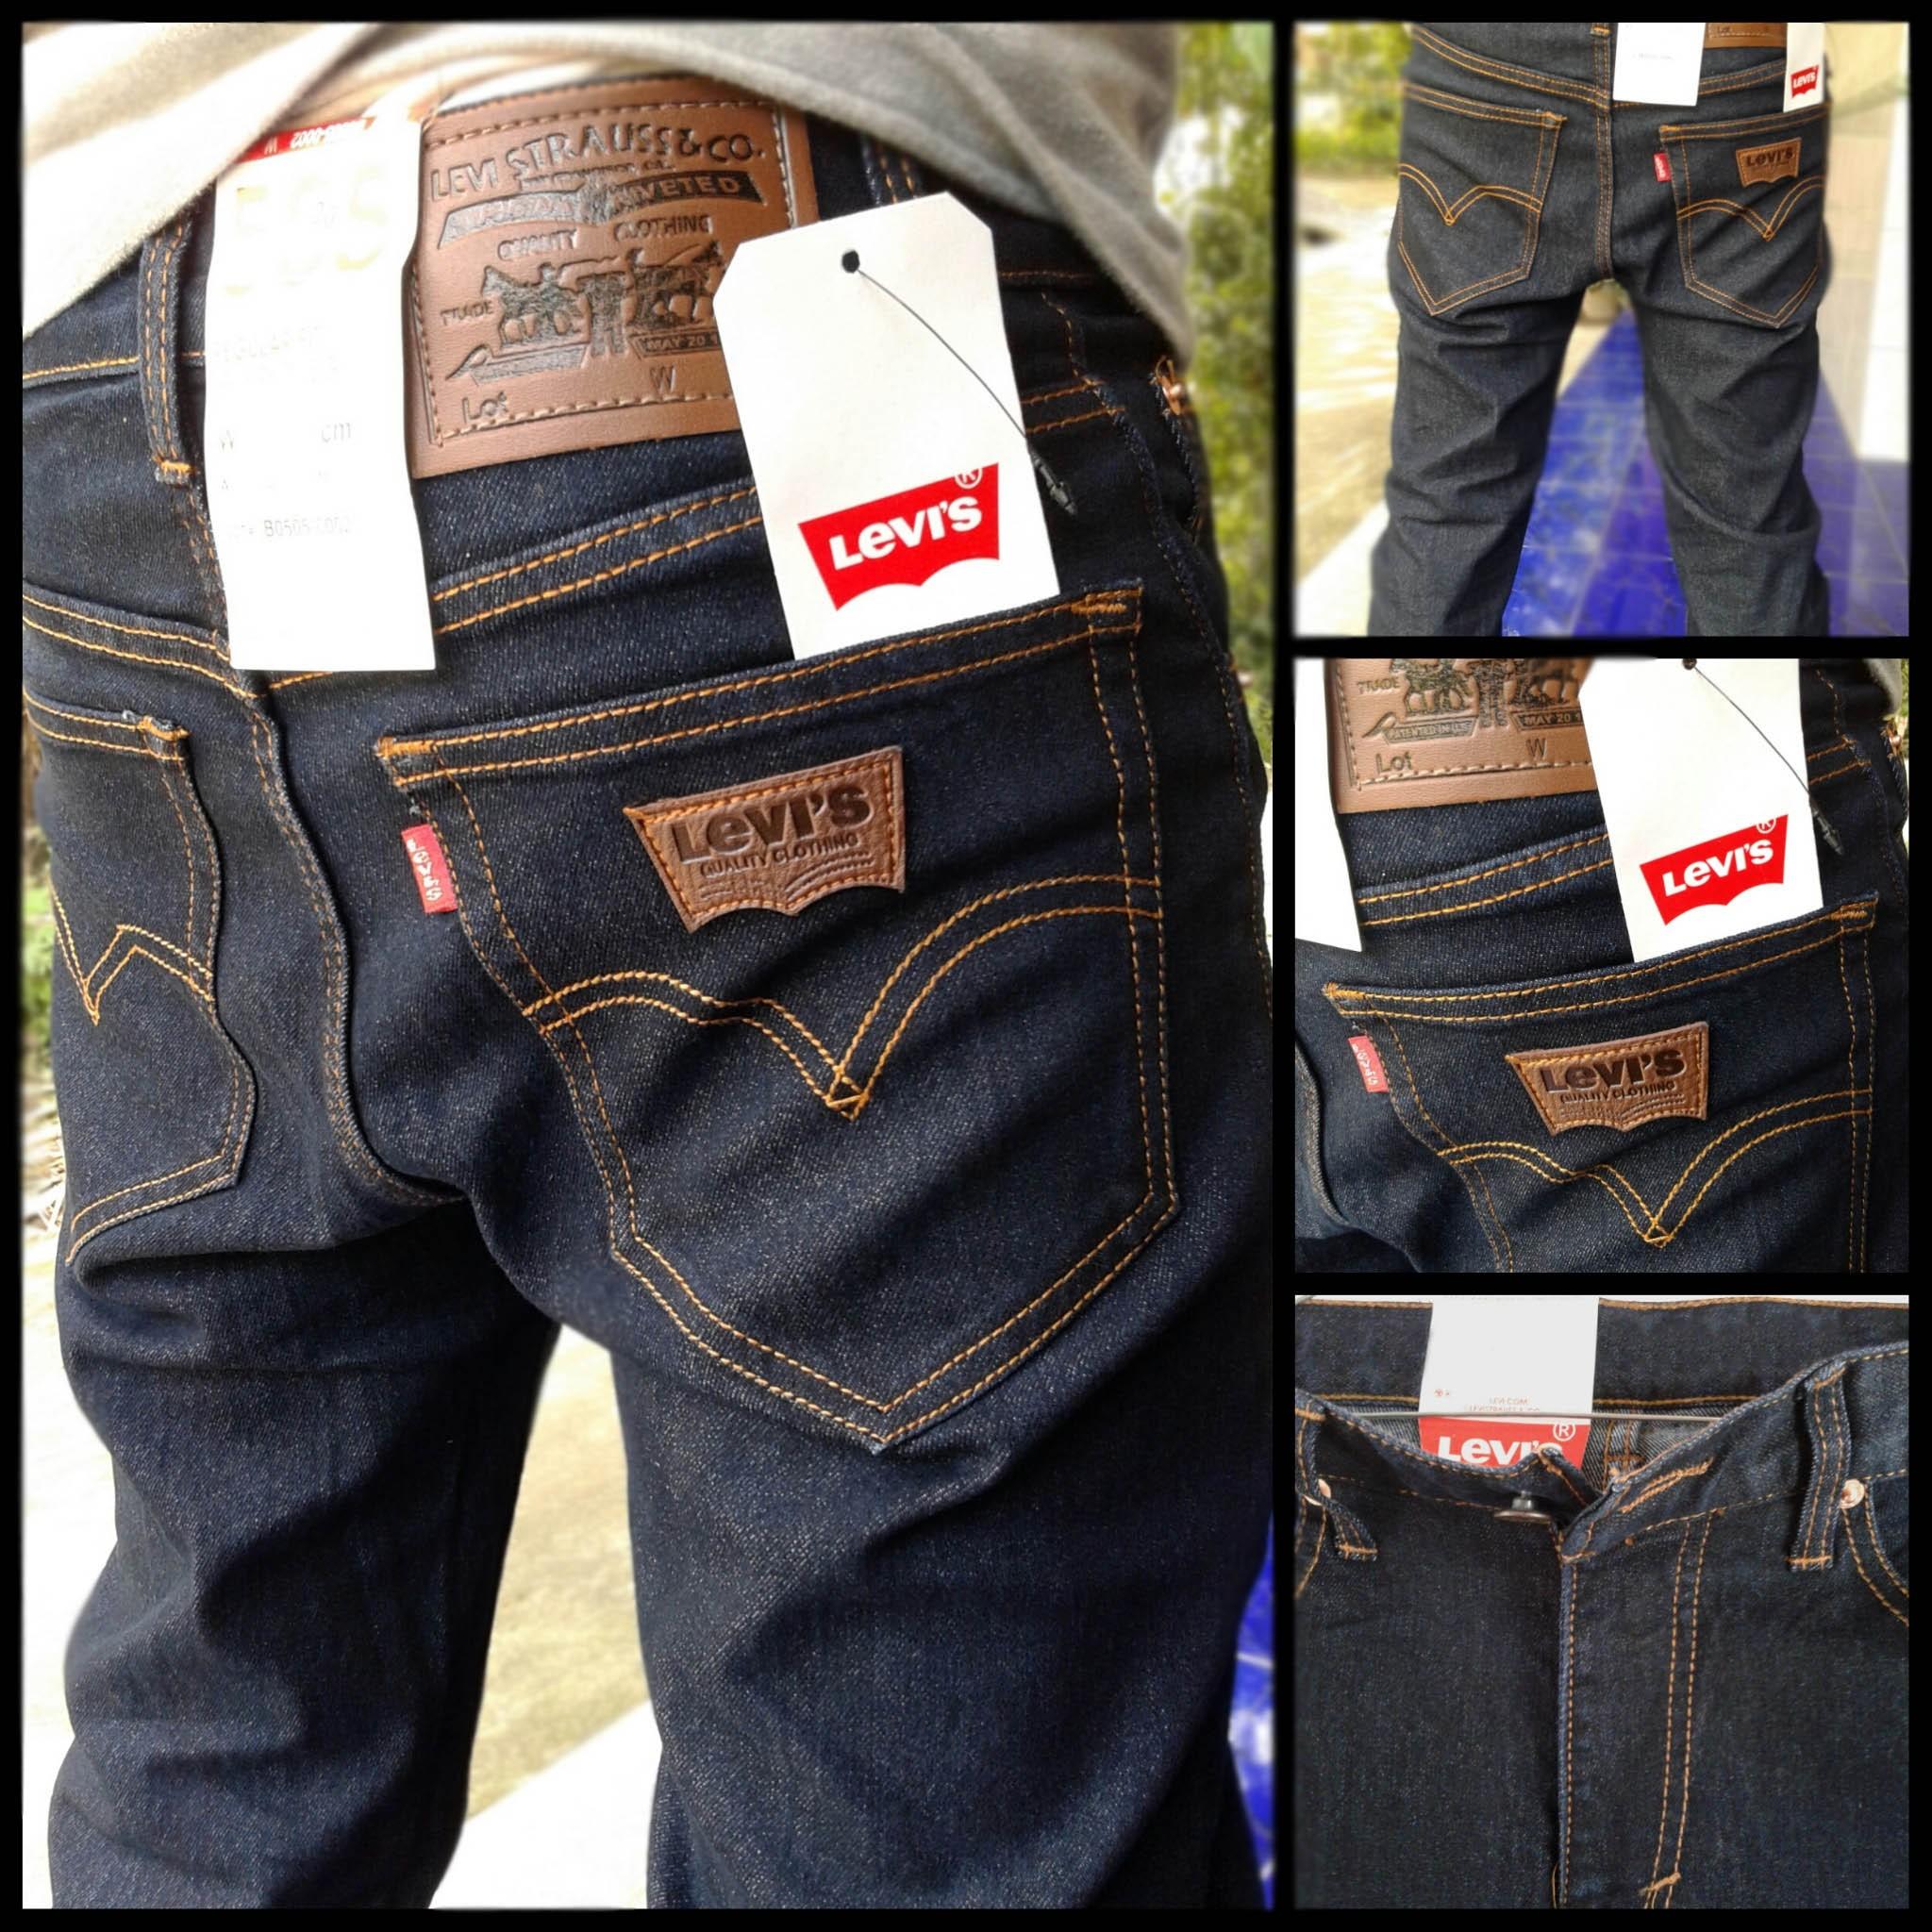 Celana Panjang Lois Skinny Abu Gelap Daftar Harga Terkini Jeans Original Pria Slim Fit Sls430 Navy 31 Model Source Jual Levis 505